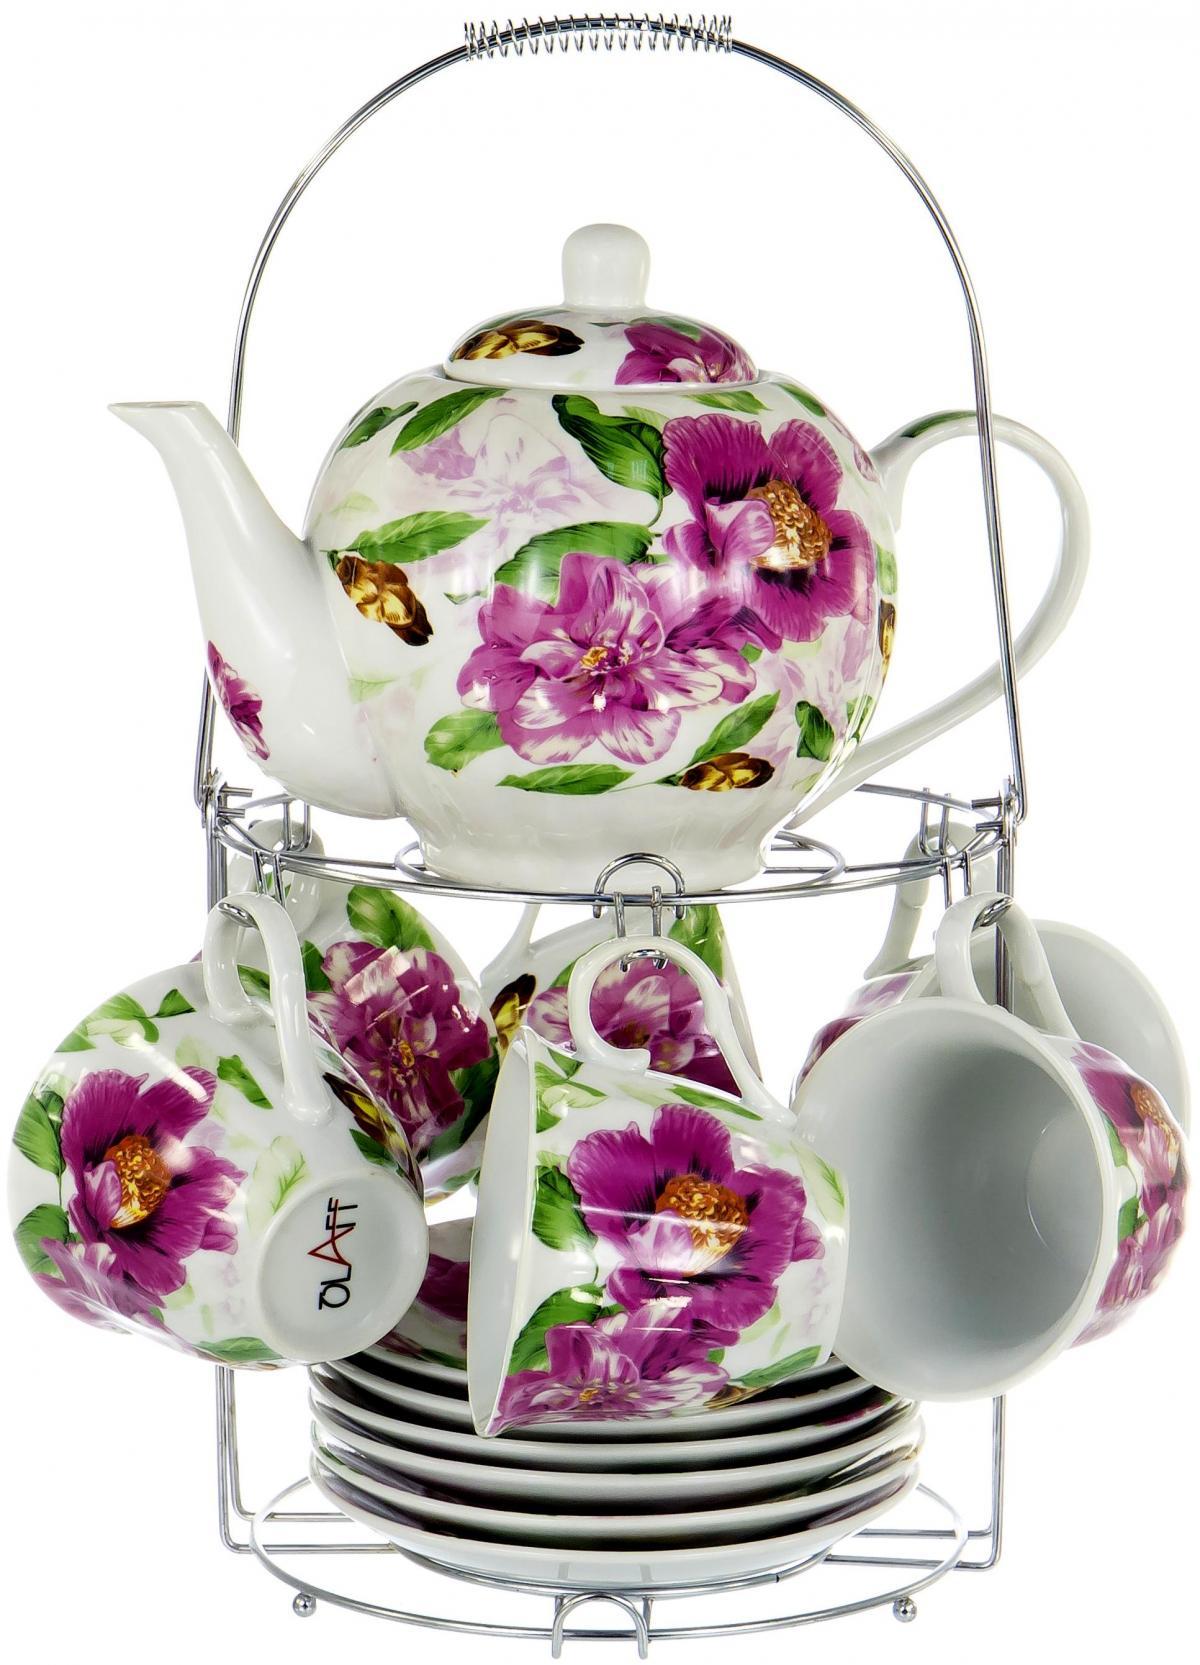 Набор чайный Olaff Metal Stand, 13 предметов. CM-F13MS-030CM-F13MS-030METAL STAND, набор чайный (13) 6 чашек 250мл + 6 блюдец + чайник 1000мл на метал.стенде, подарочная упаковка